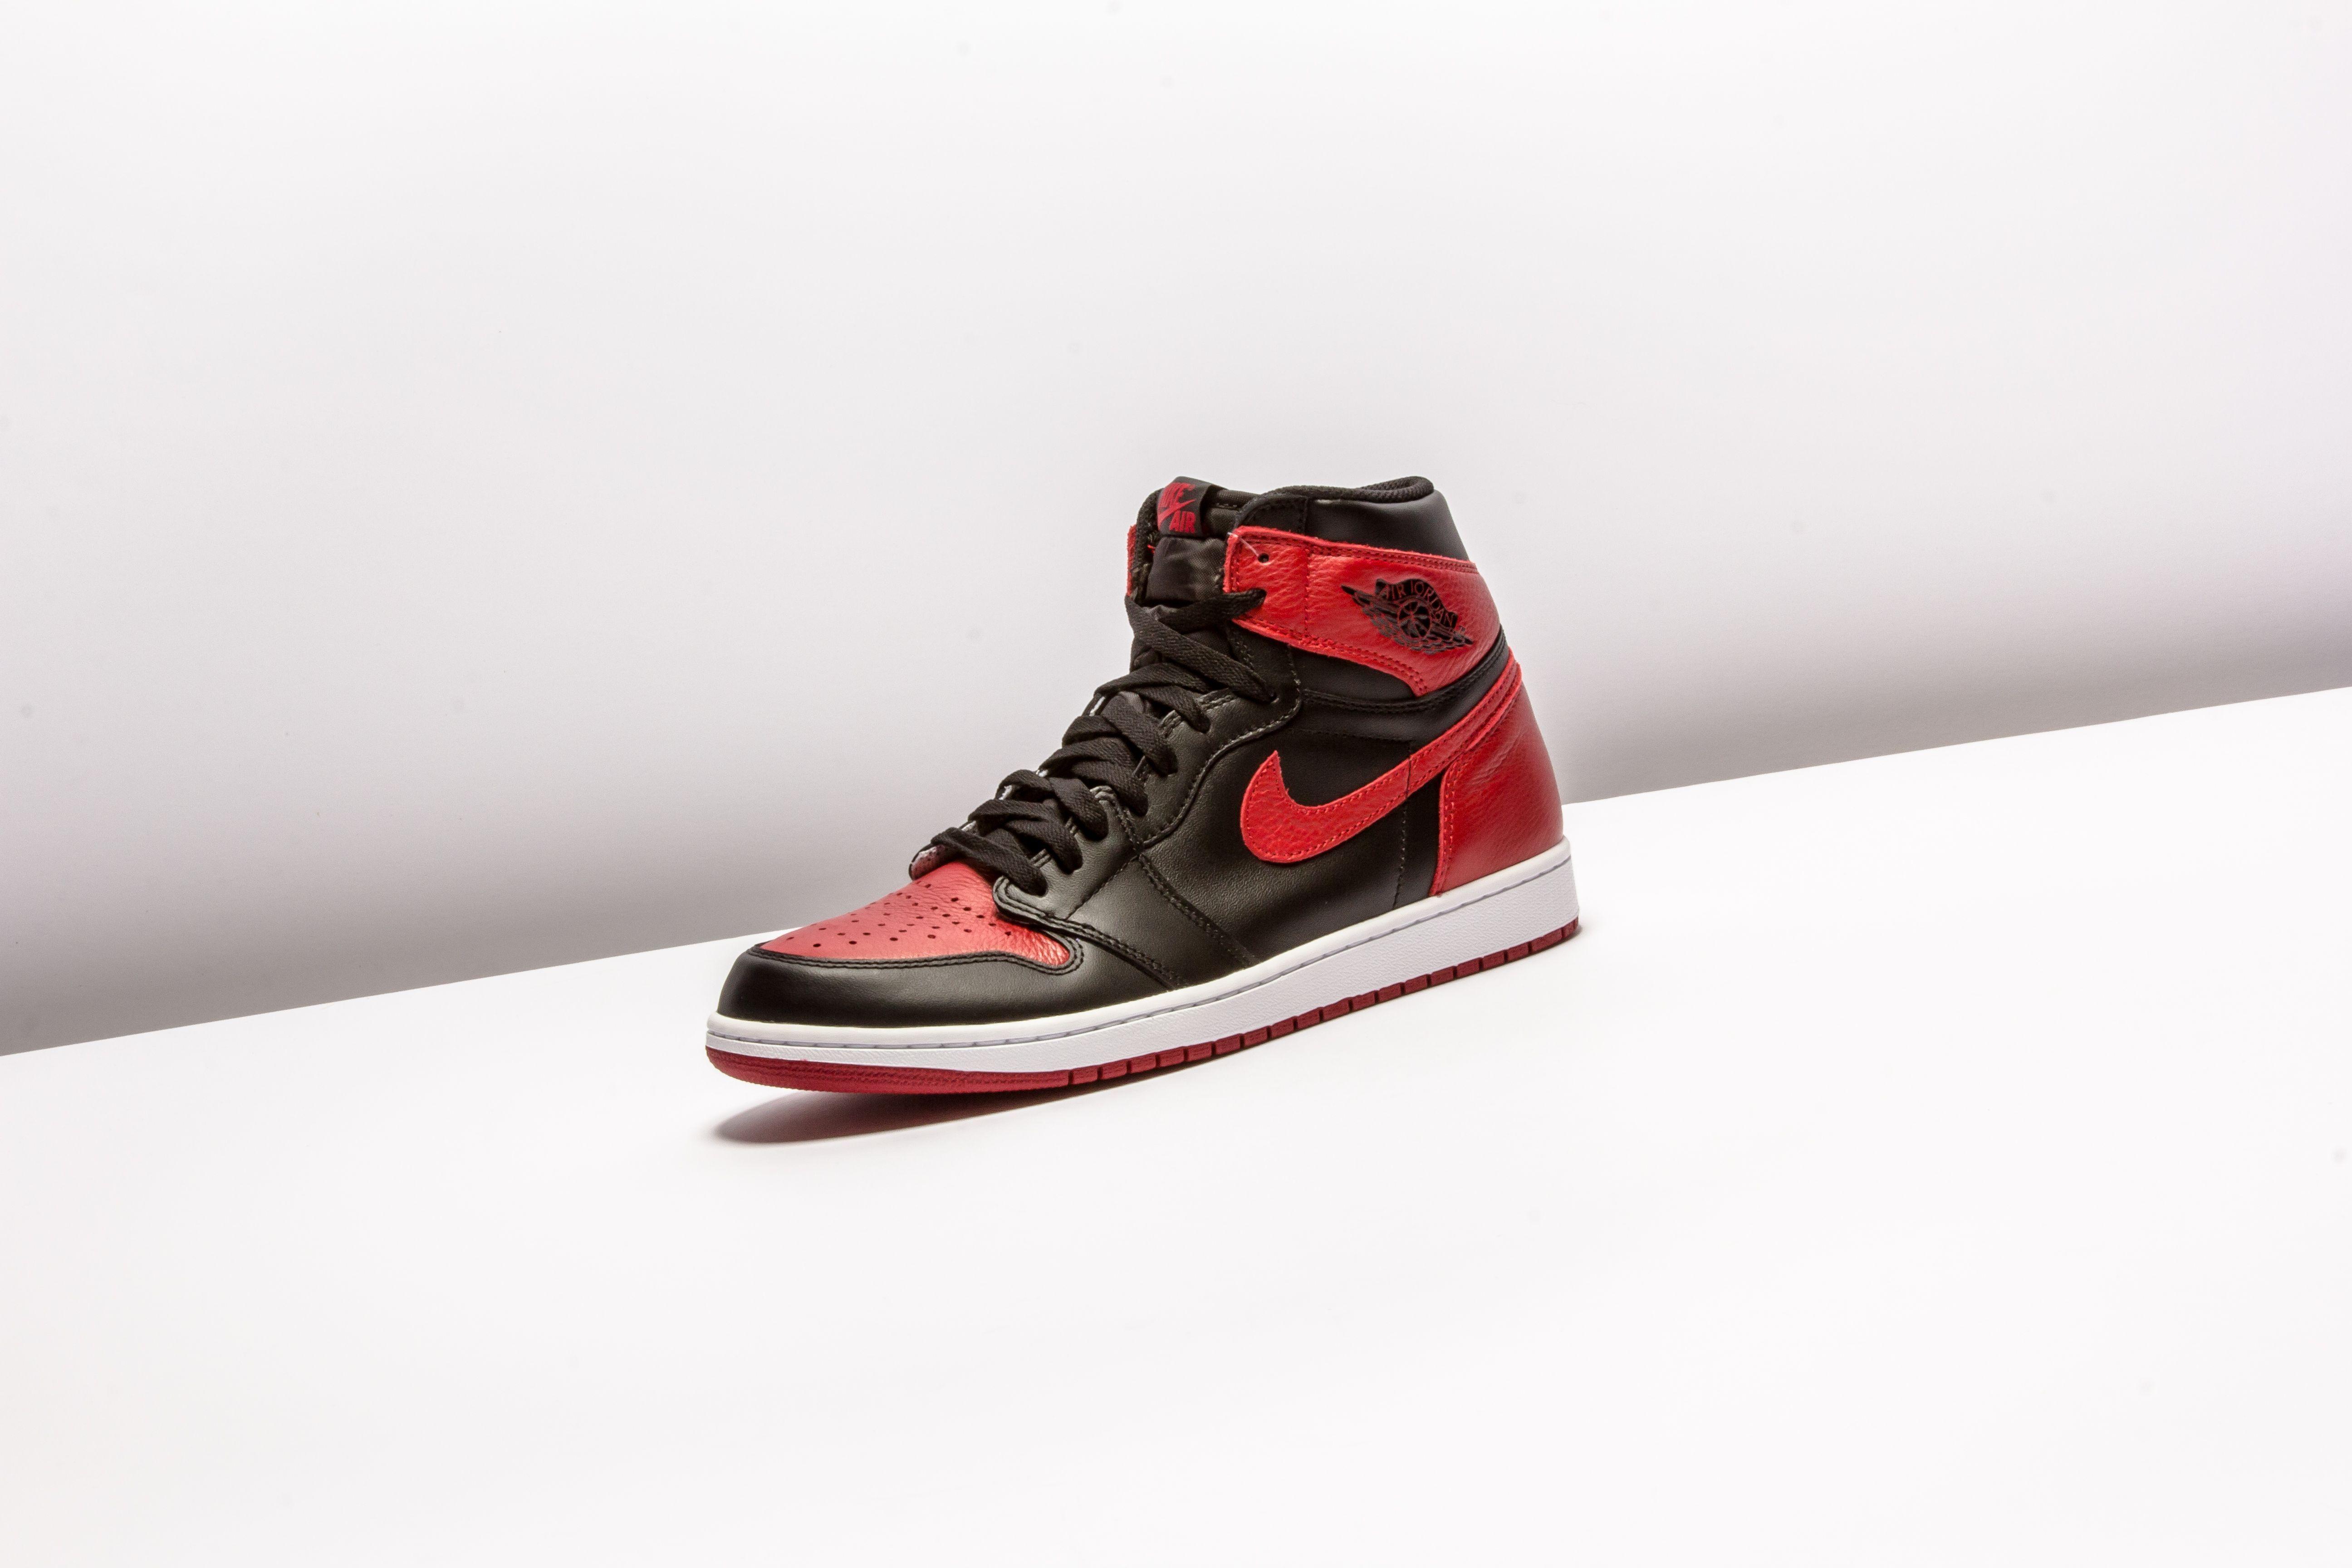 Air Jordan 1 Retro High Og Banned Bred 555088 001 2020